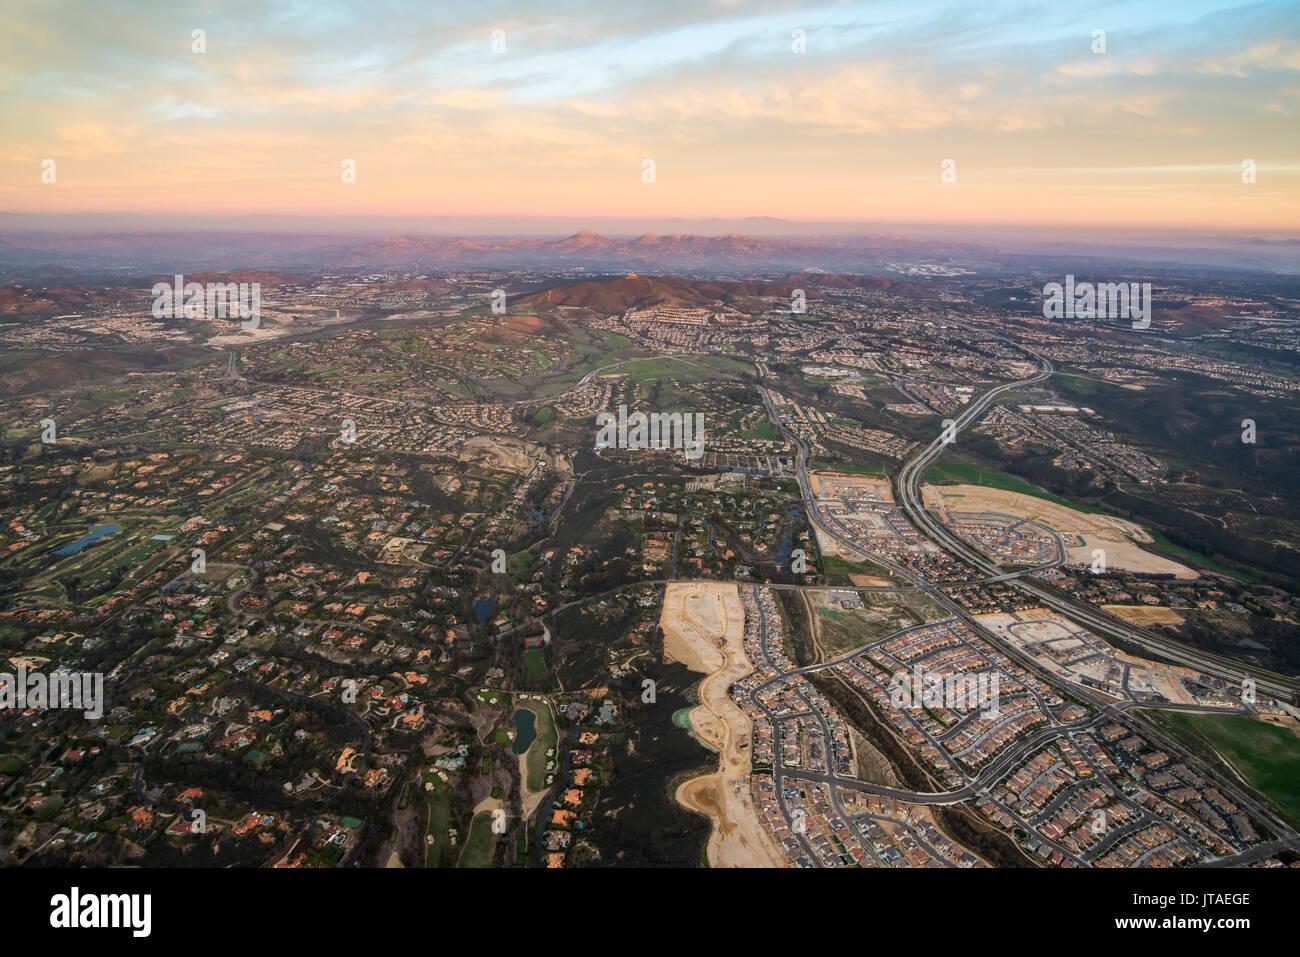 Au cours de l'antenne d'Encinitas un ballon à air chaud, en Californie, États-Unis d'Amérique, Amérique du Nord Banque D'Images